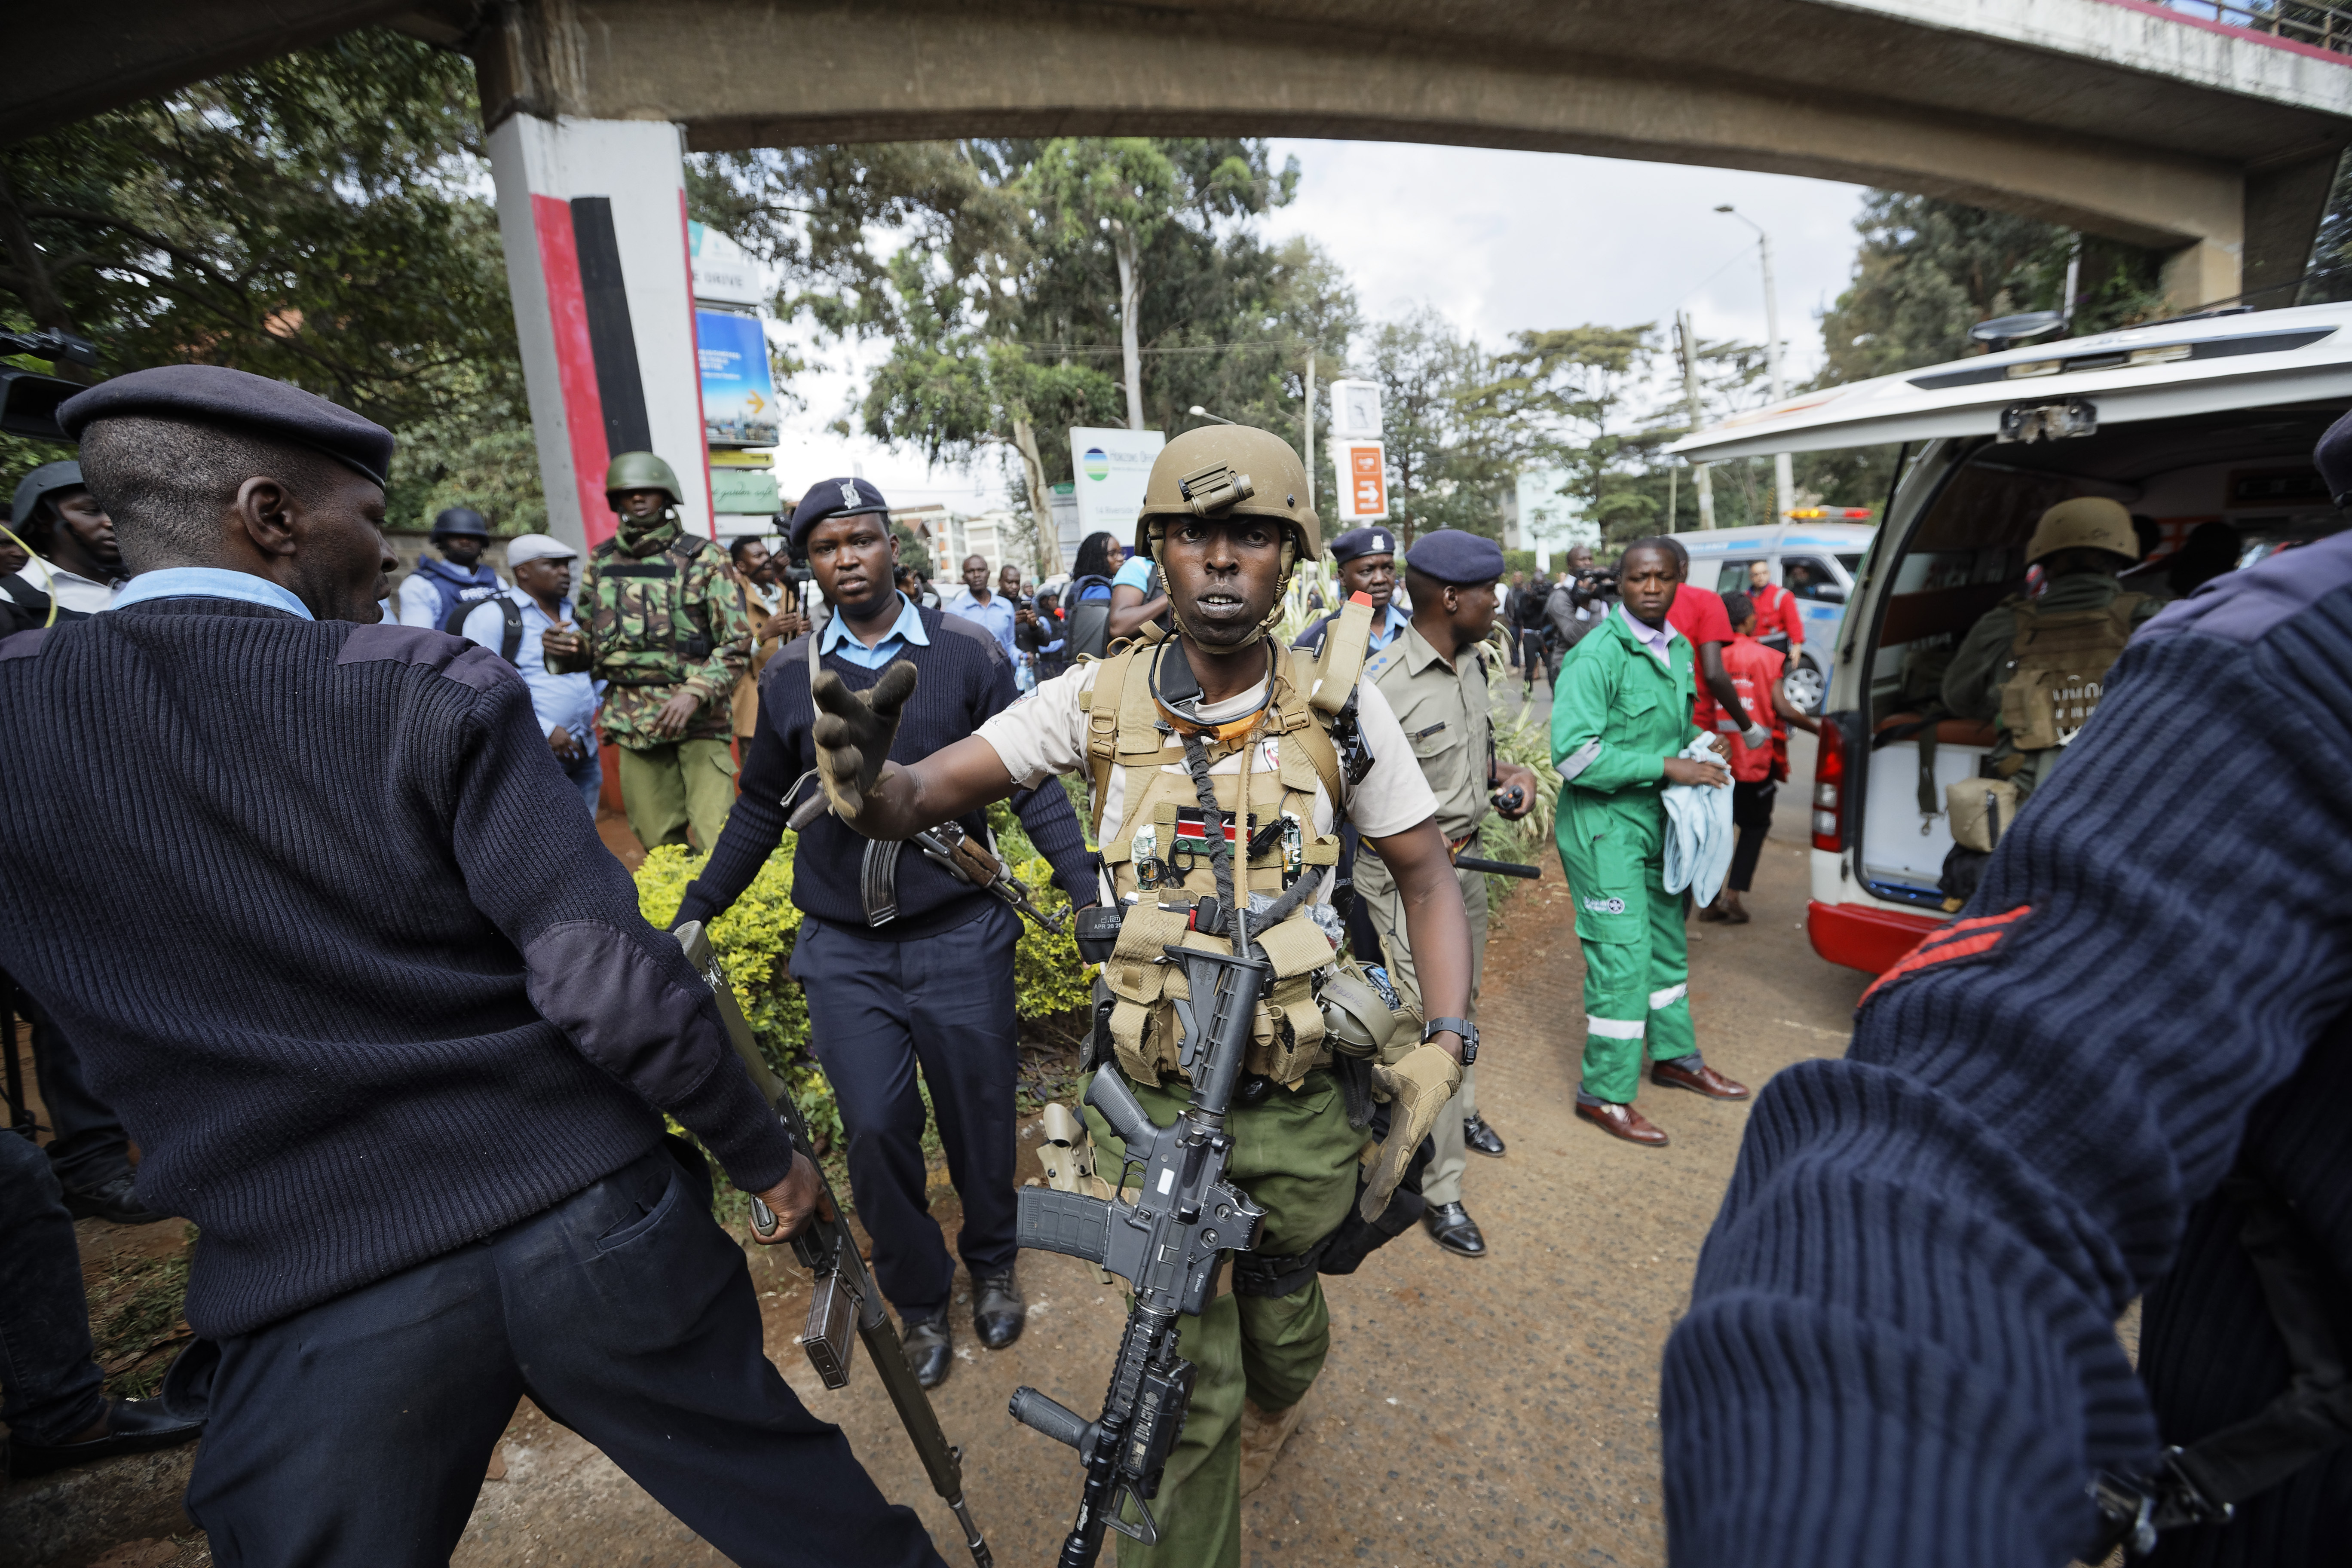 21 νεκροί από την επίθεση στο Ναϊρόμπι/ Φωτογραφία: AP- Ben Curtis